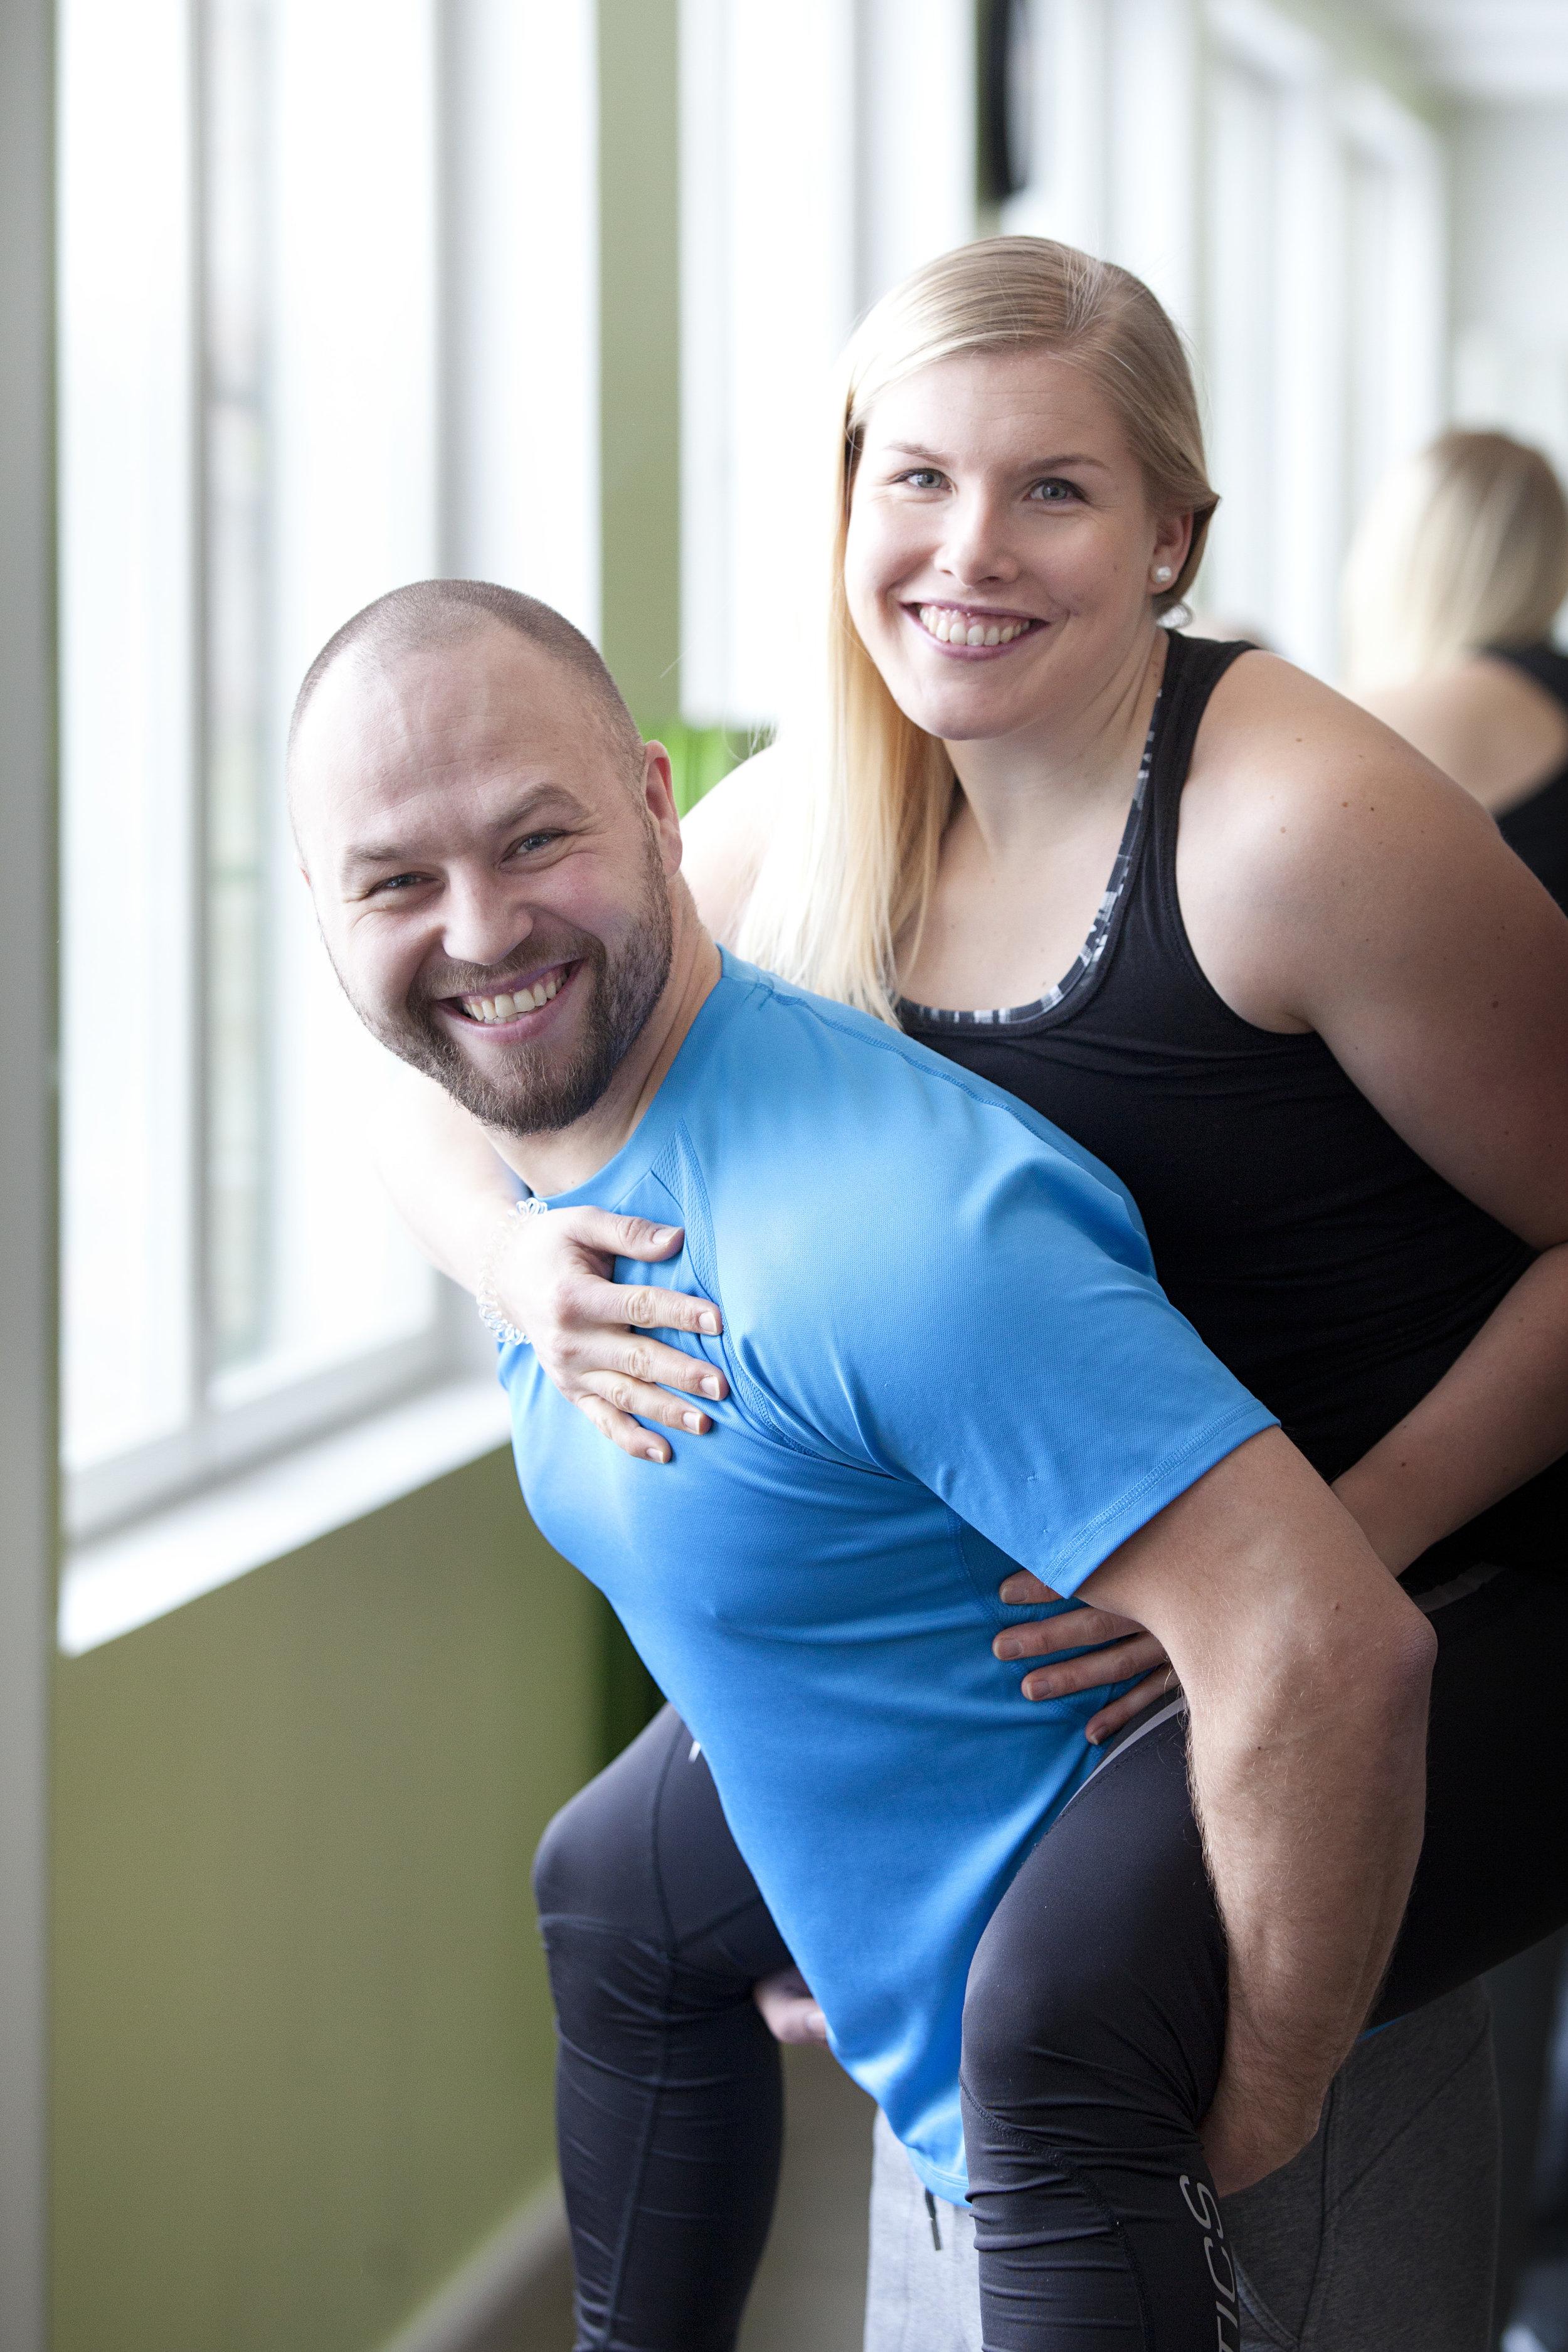 Yhdessä puolison kanssa liikkuminen voi lujittaa parisuhdetta entisestään!